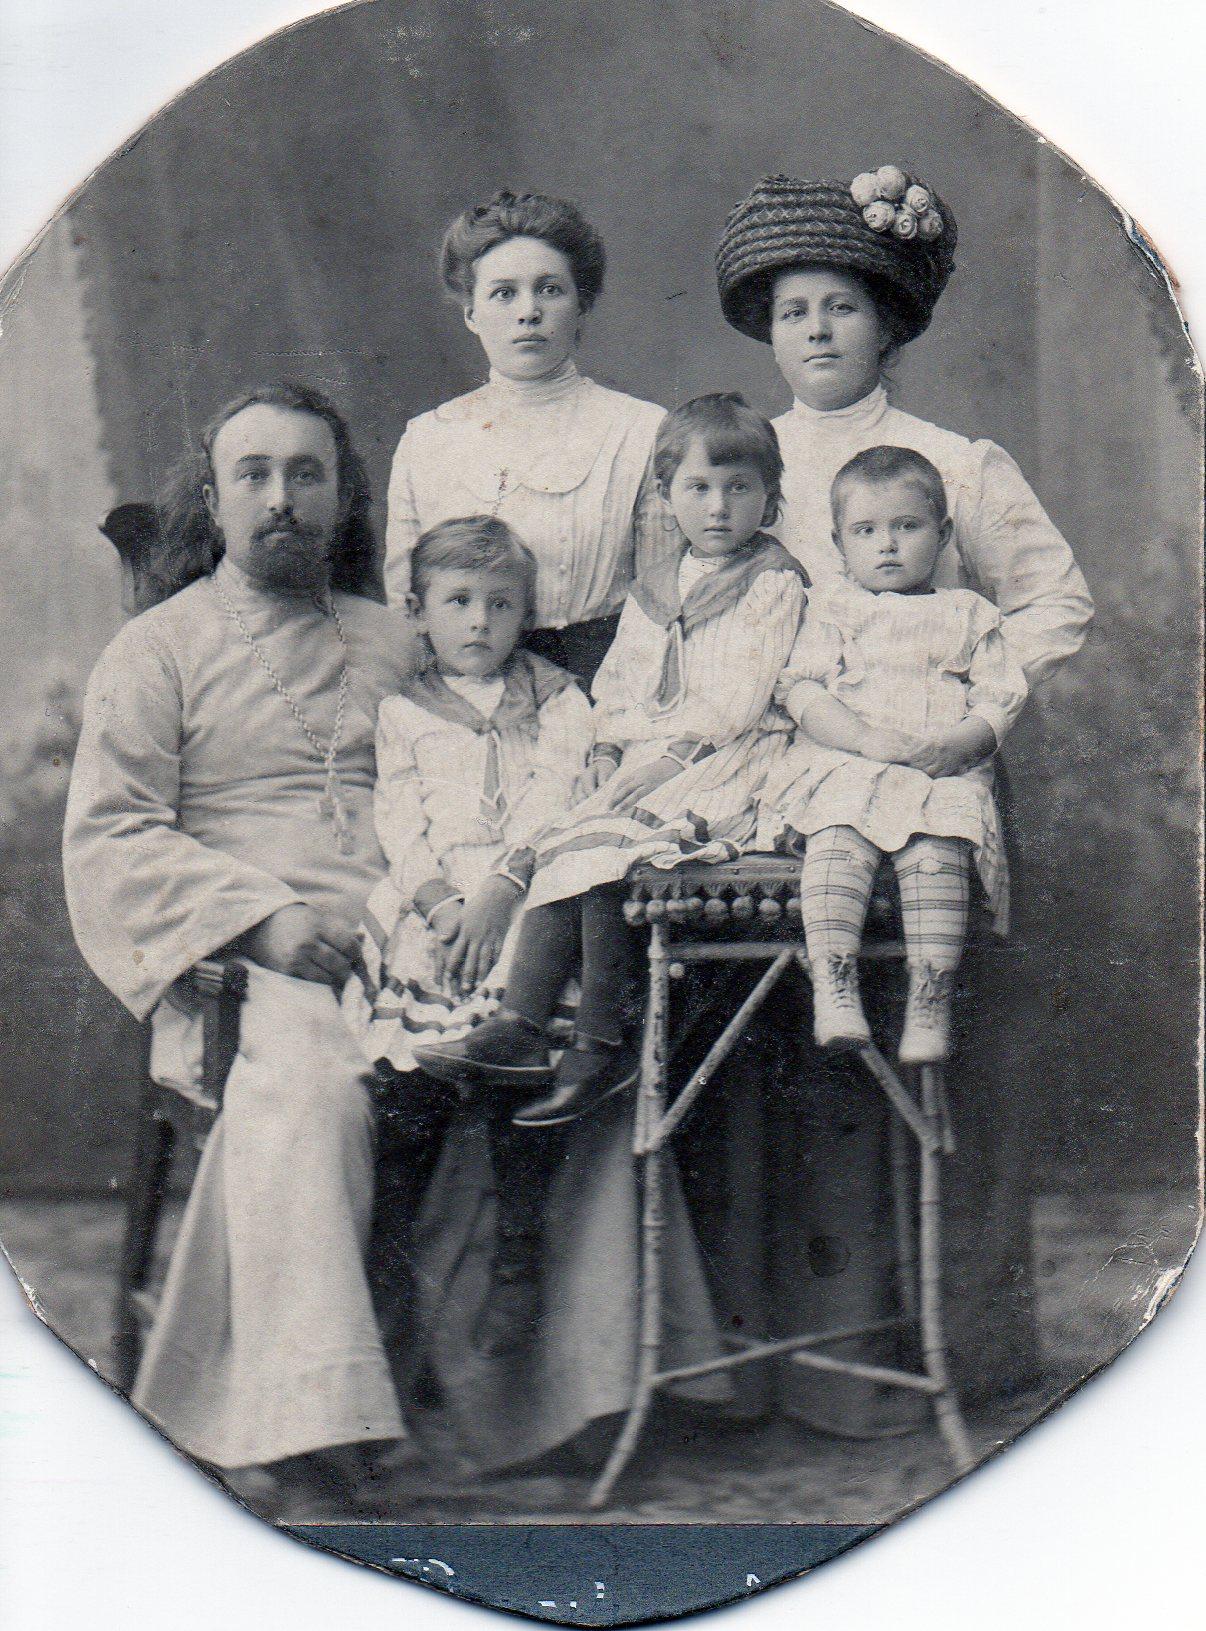 Иерей Федоров Федор,на руках дочь Нина,рядом дочь Зоя,рядом стоит Жена Федорова(Путилина) Екатерина, с ней рядом сестра ФедороваФ. и ее дочь